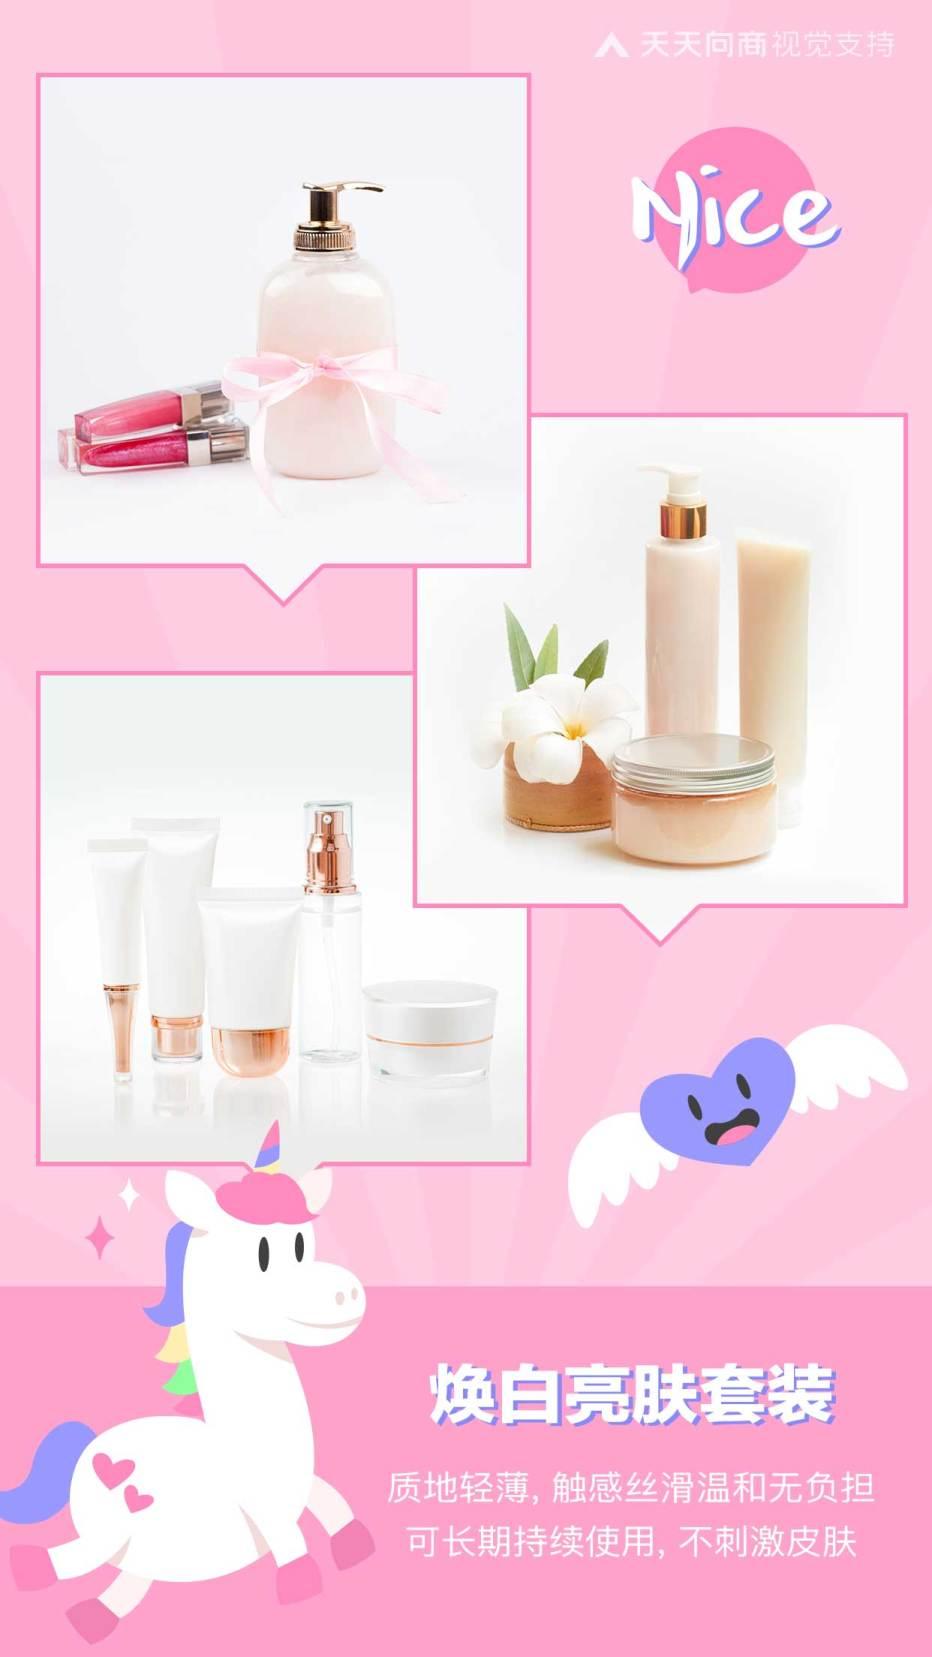 可爱童趣美容美妆产品展示